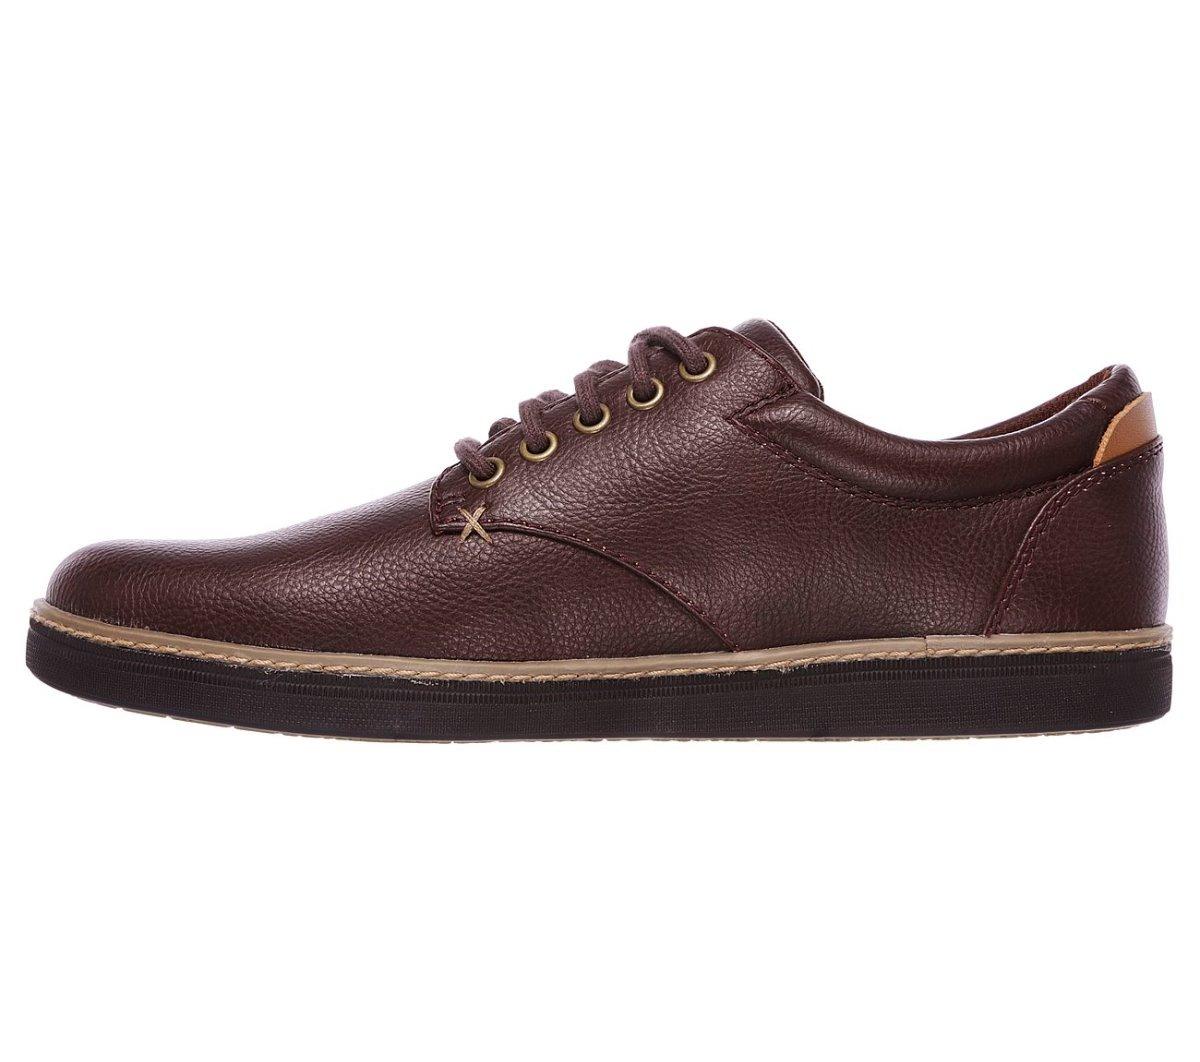 más de moda descuento especial de precio bajo Zapatos Casuales Skechers Memory Foam Súper Cómodos